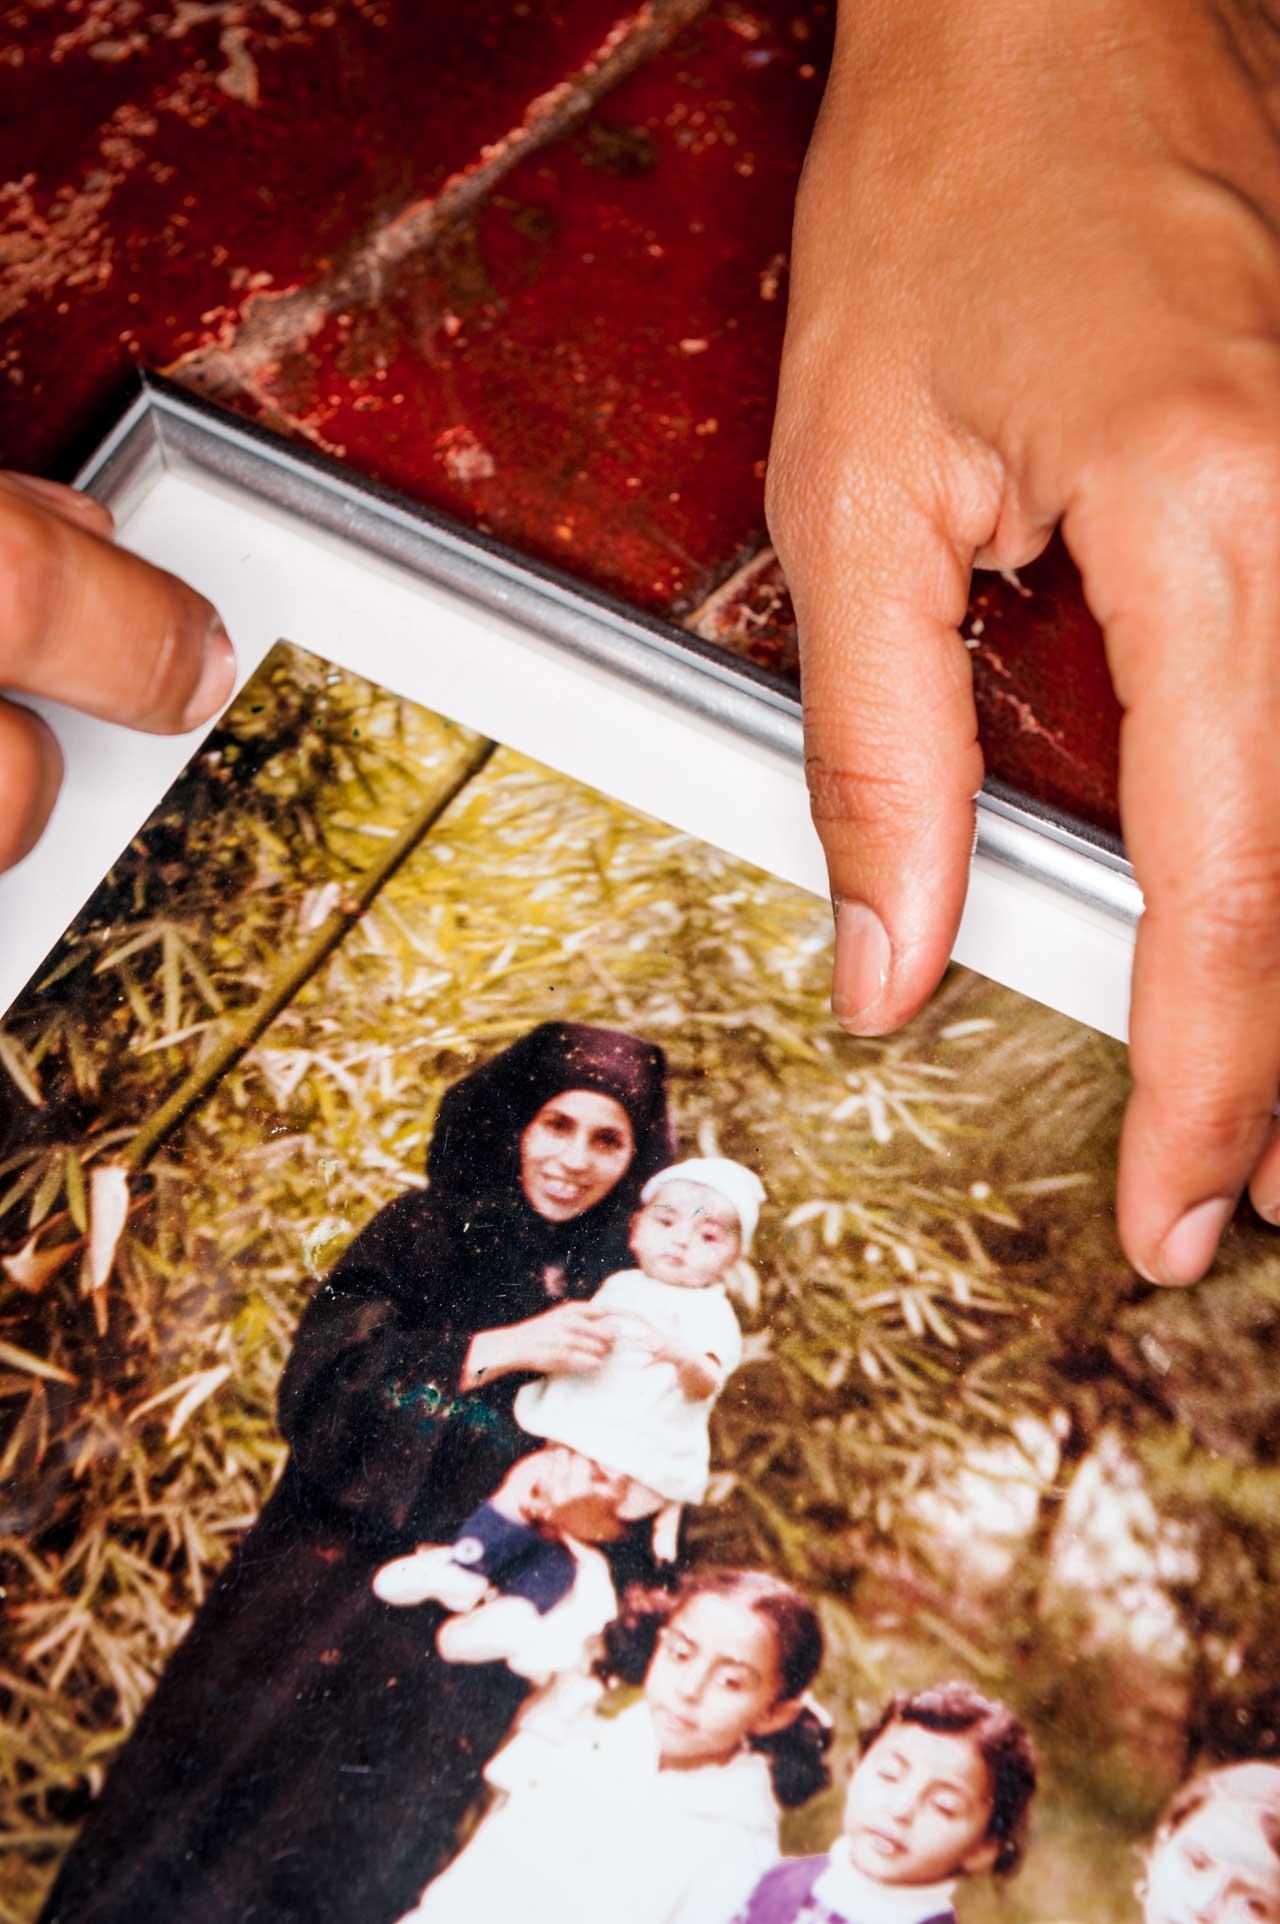 Erinnerungsfoto aus Ouardas Kindheit in Marokko. Ouarda Saillo, 41, lebt seit 23 Jahren in Deutschland und ist seit 15 Jahren deutsche Staatsbürgerin. Foto: Bethel Fath